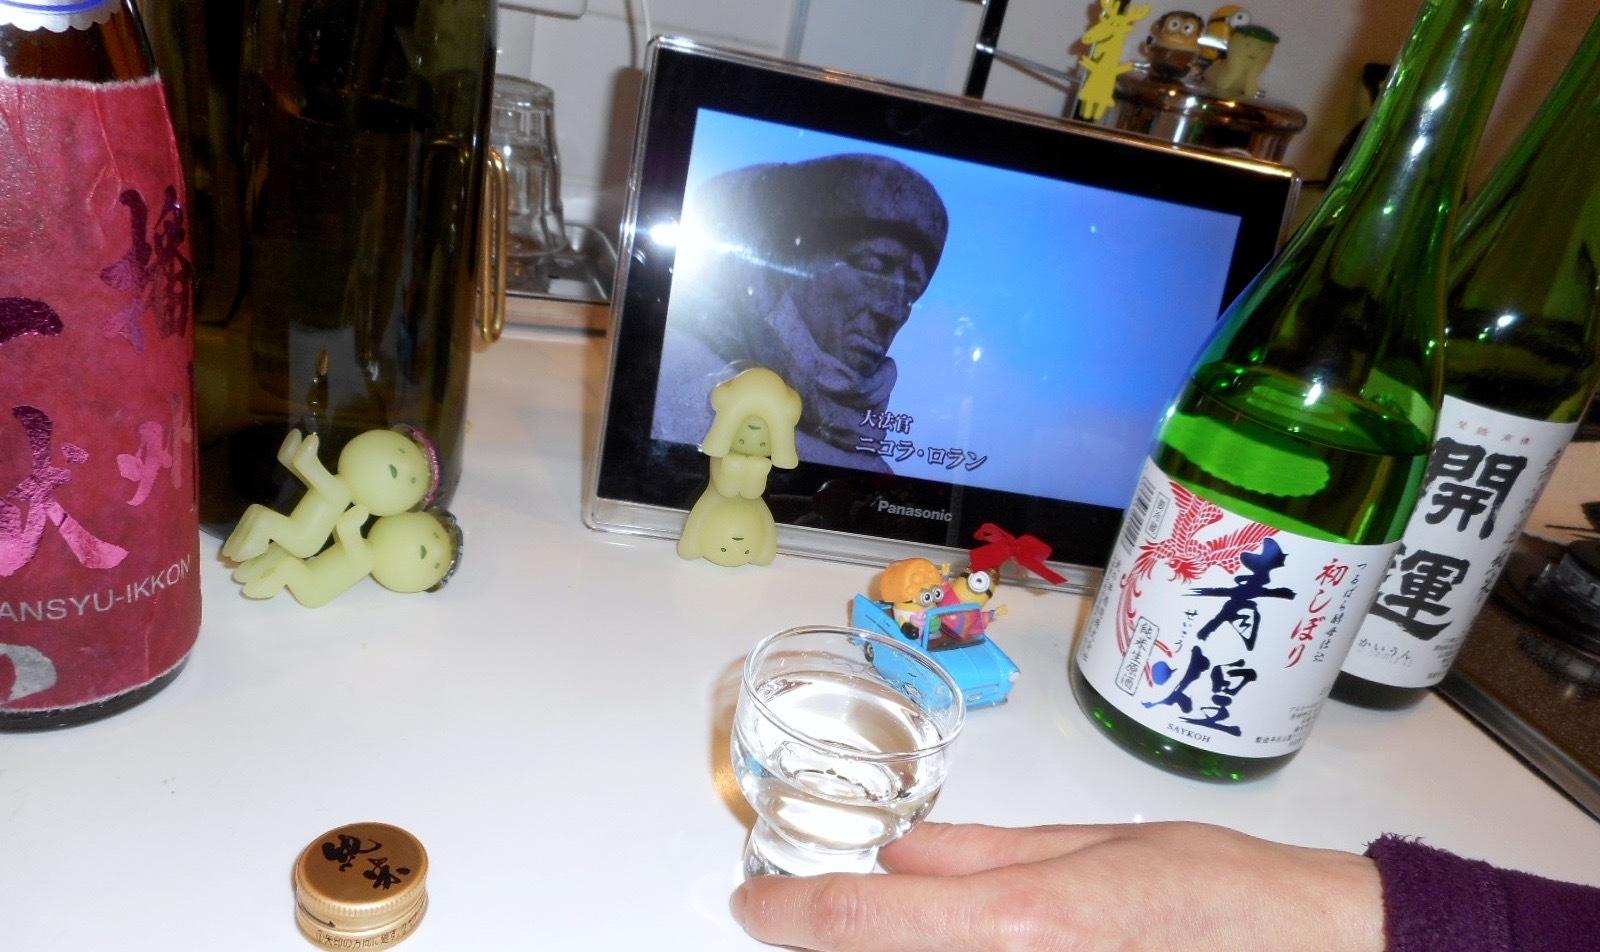 seikou_hatsushibori29by4.jpg